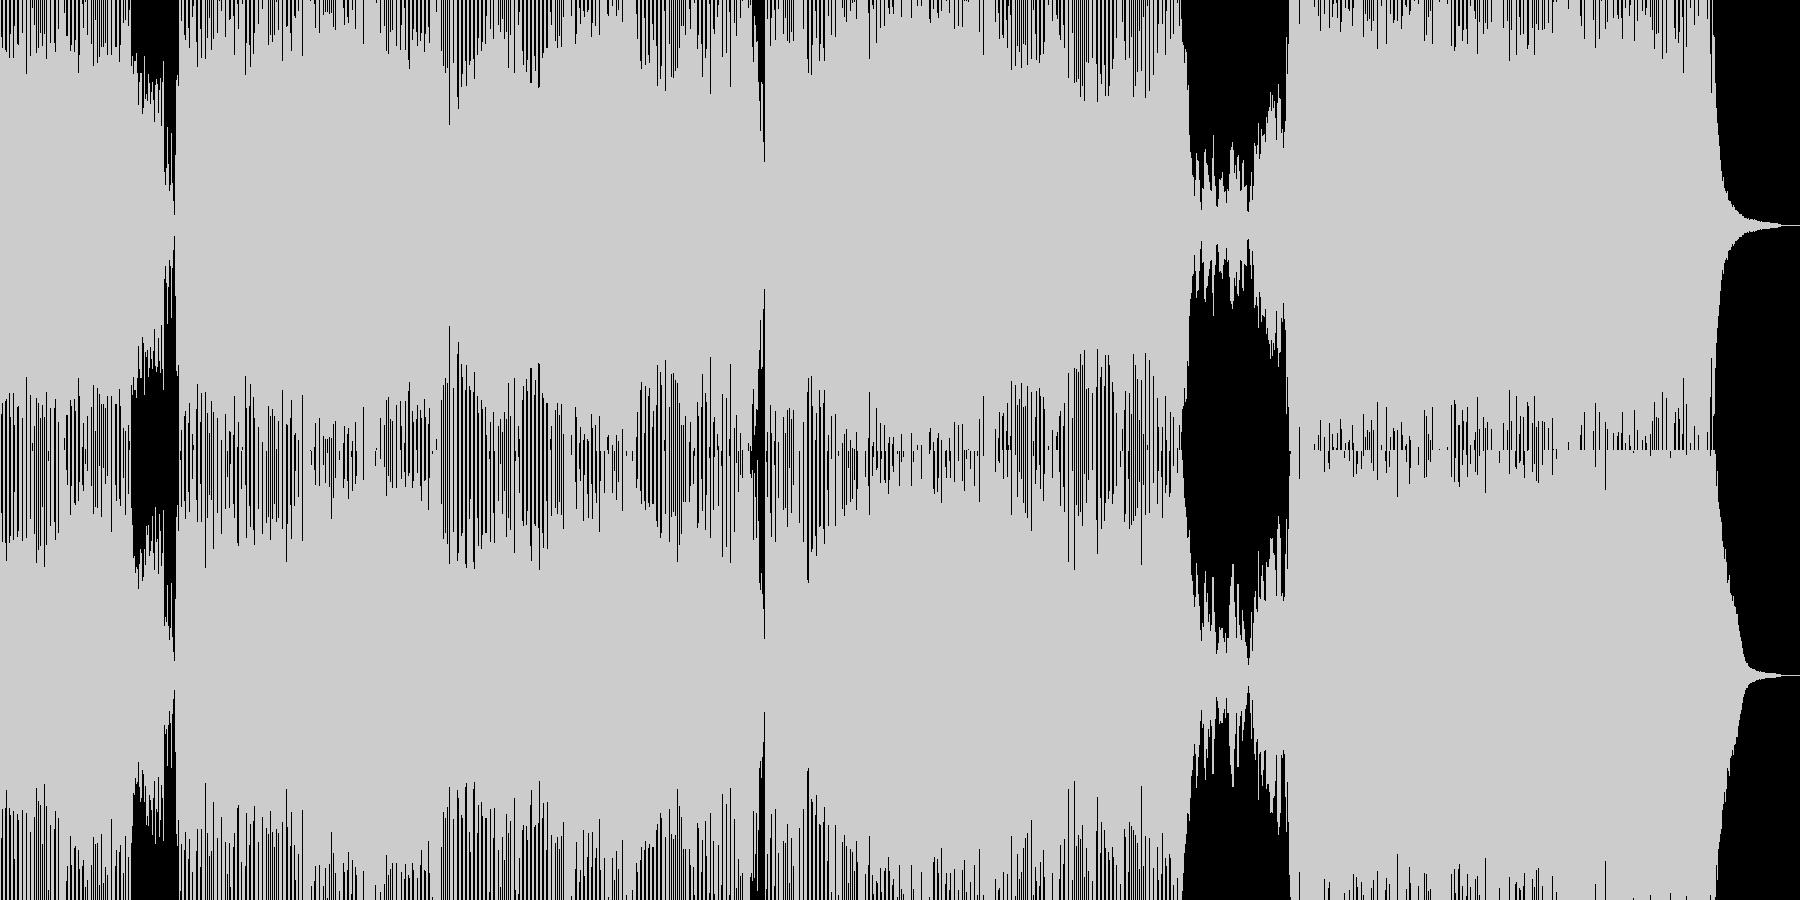 続く轍と懐かしき扉の未再生の波形